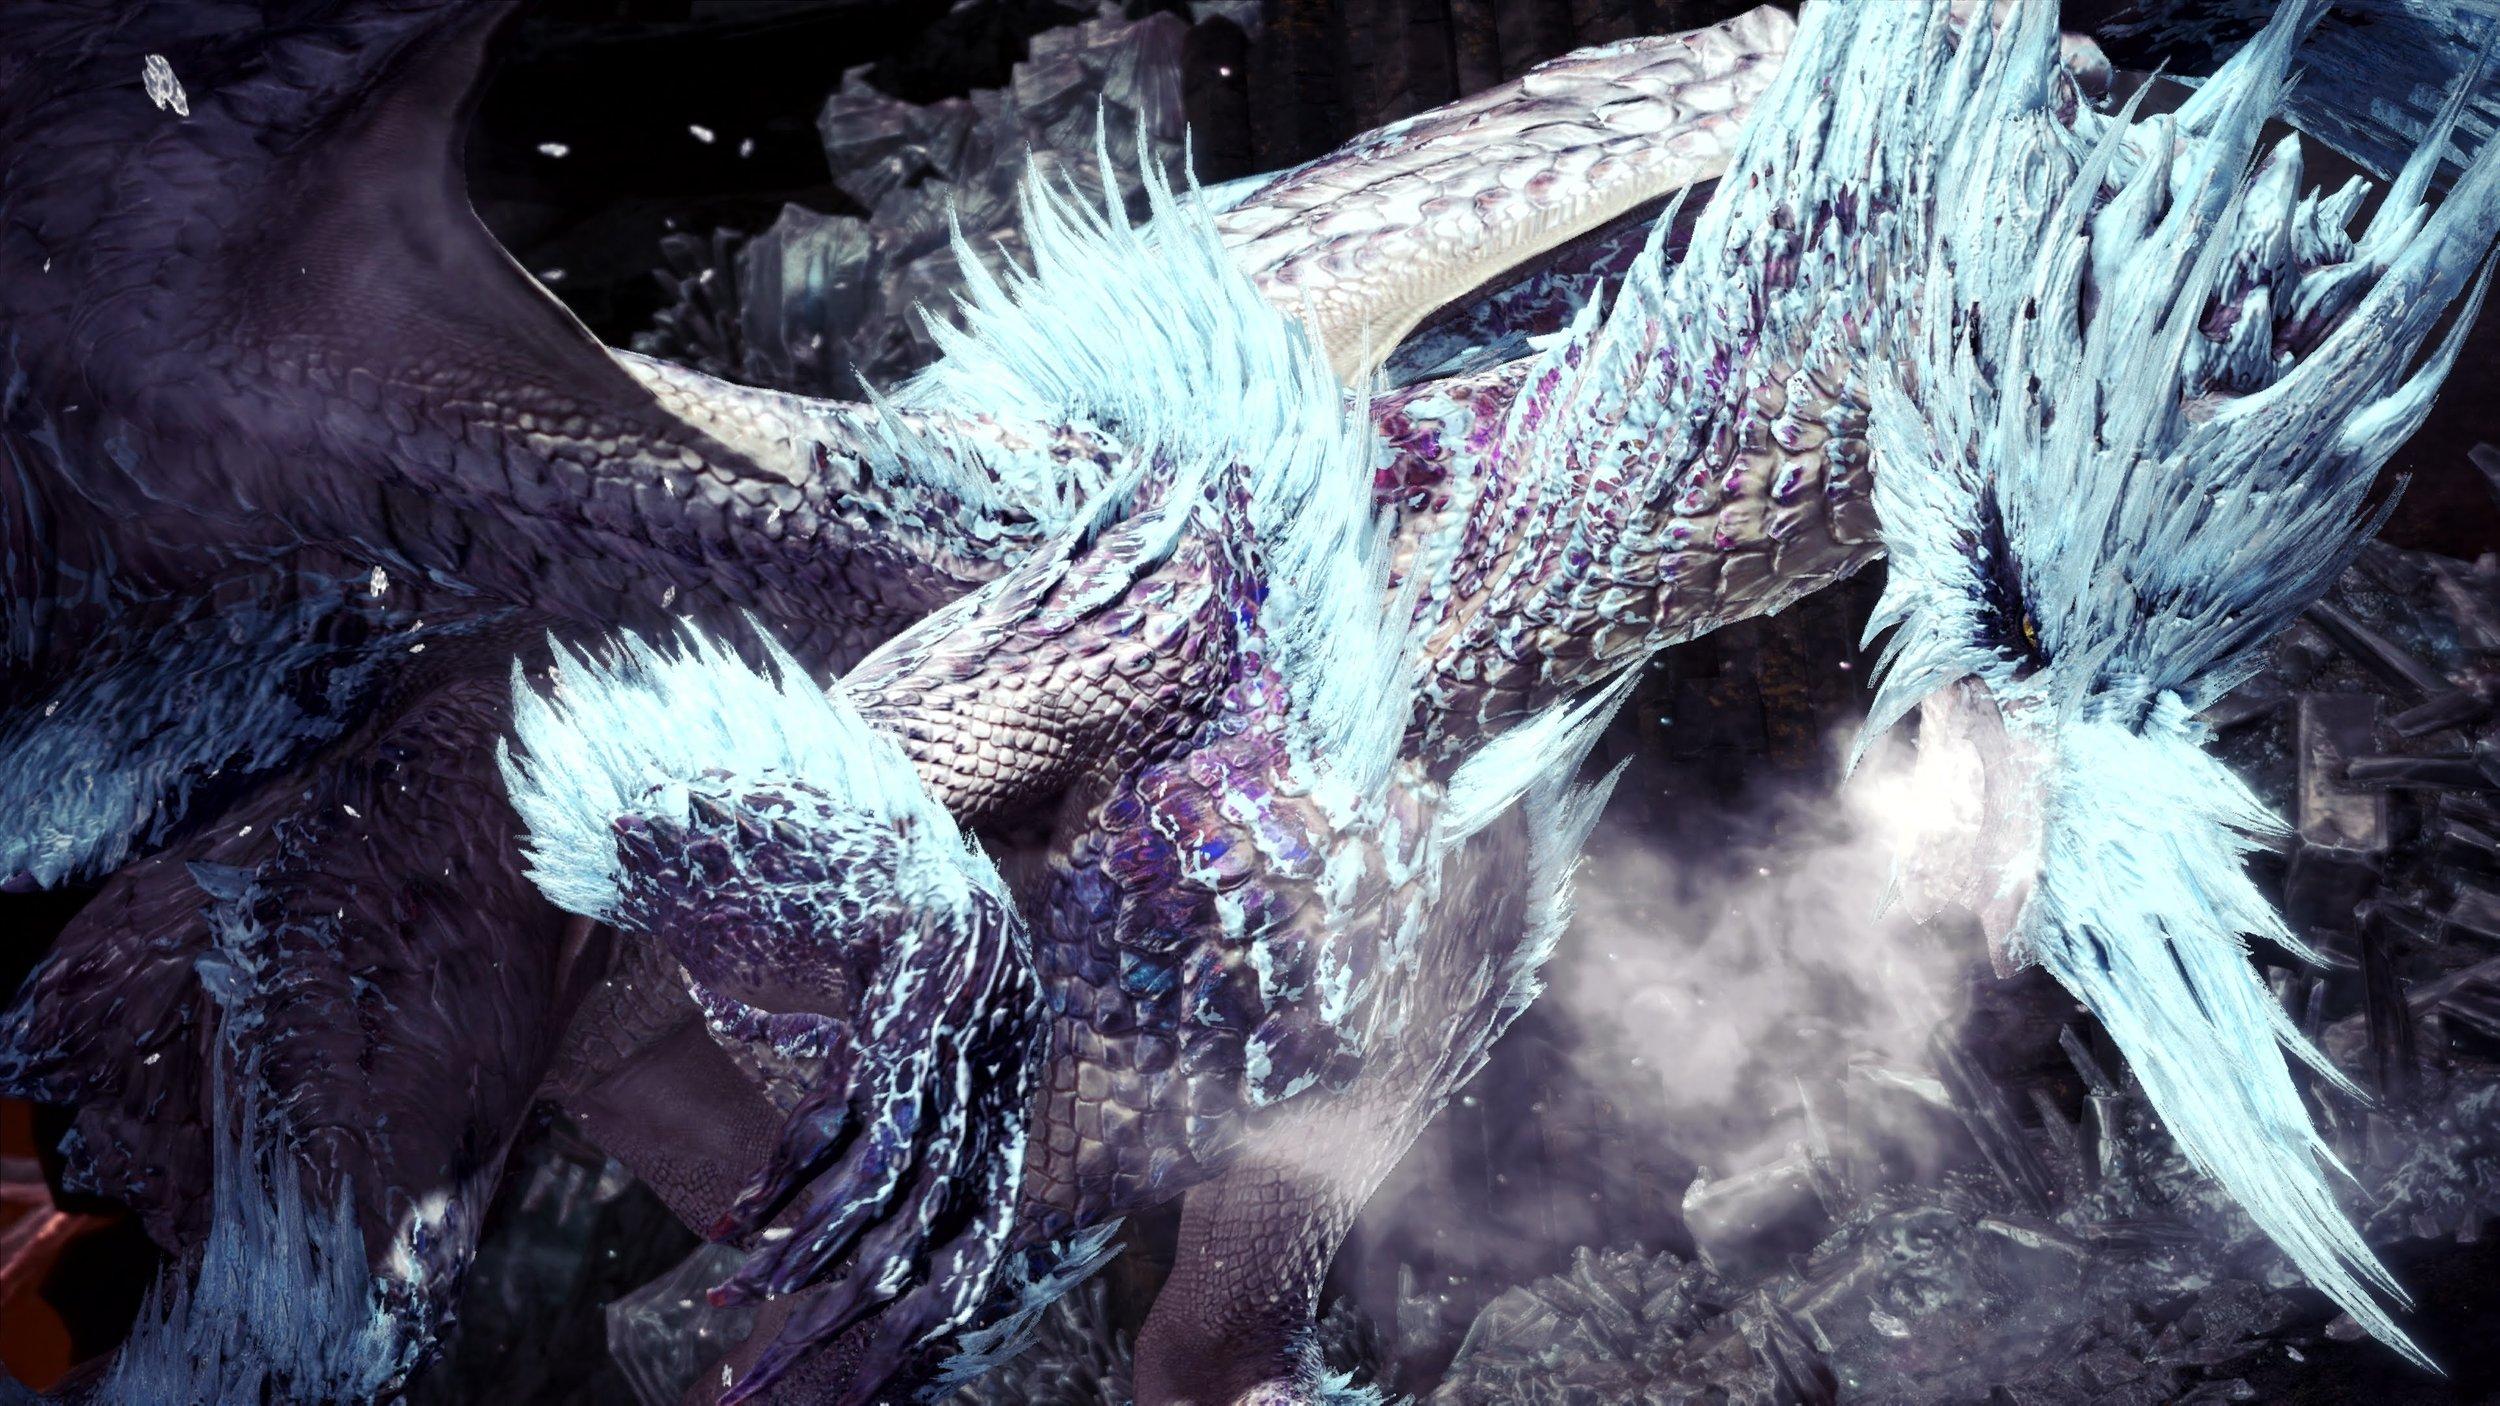 Monster Hunter World Iceborne Screen 3.jpg